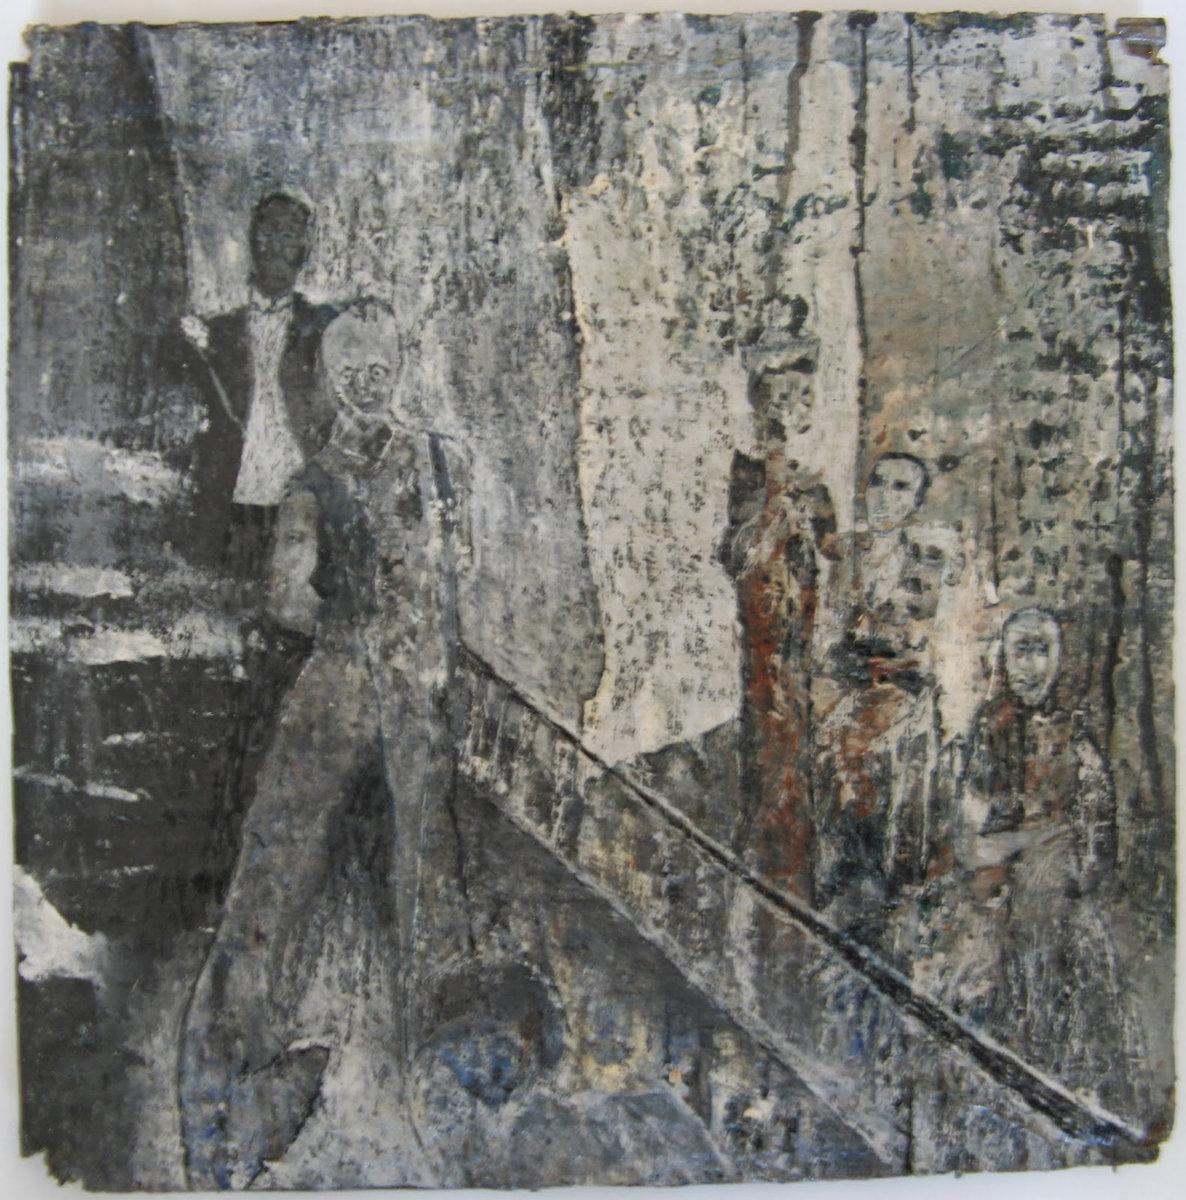 Ezekiel Doo, Hallway Song, 2019; artwork by Anthony Blokdijk